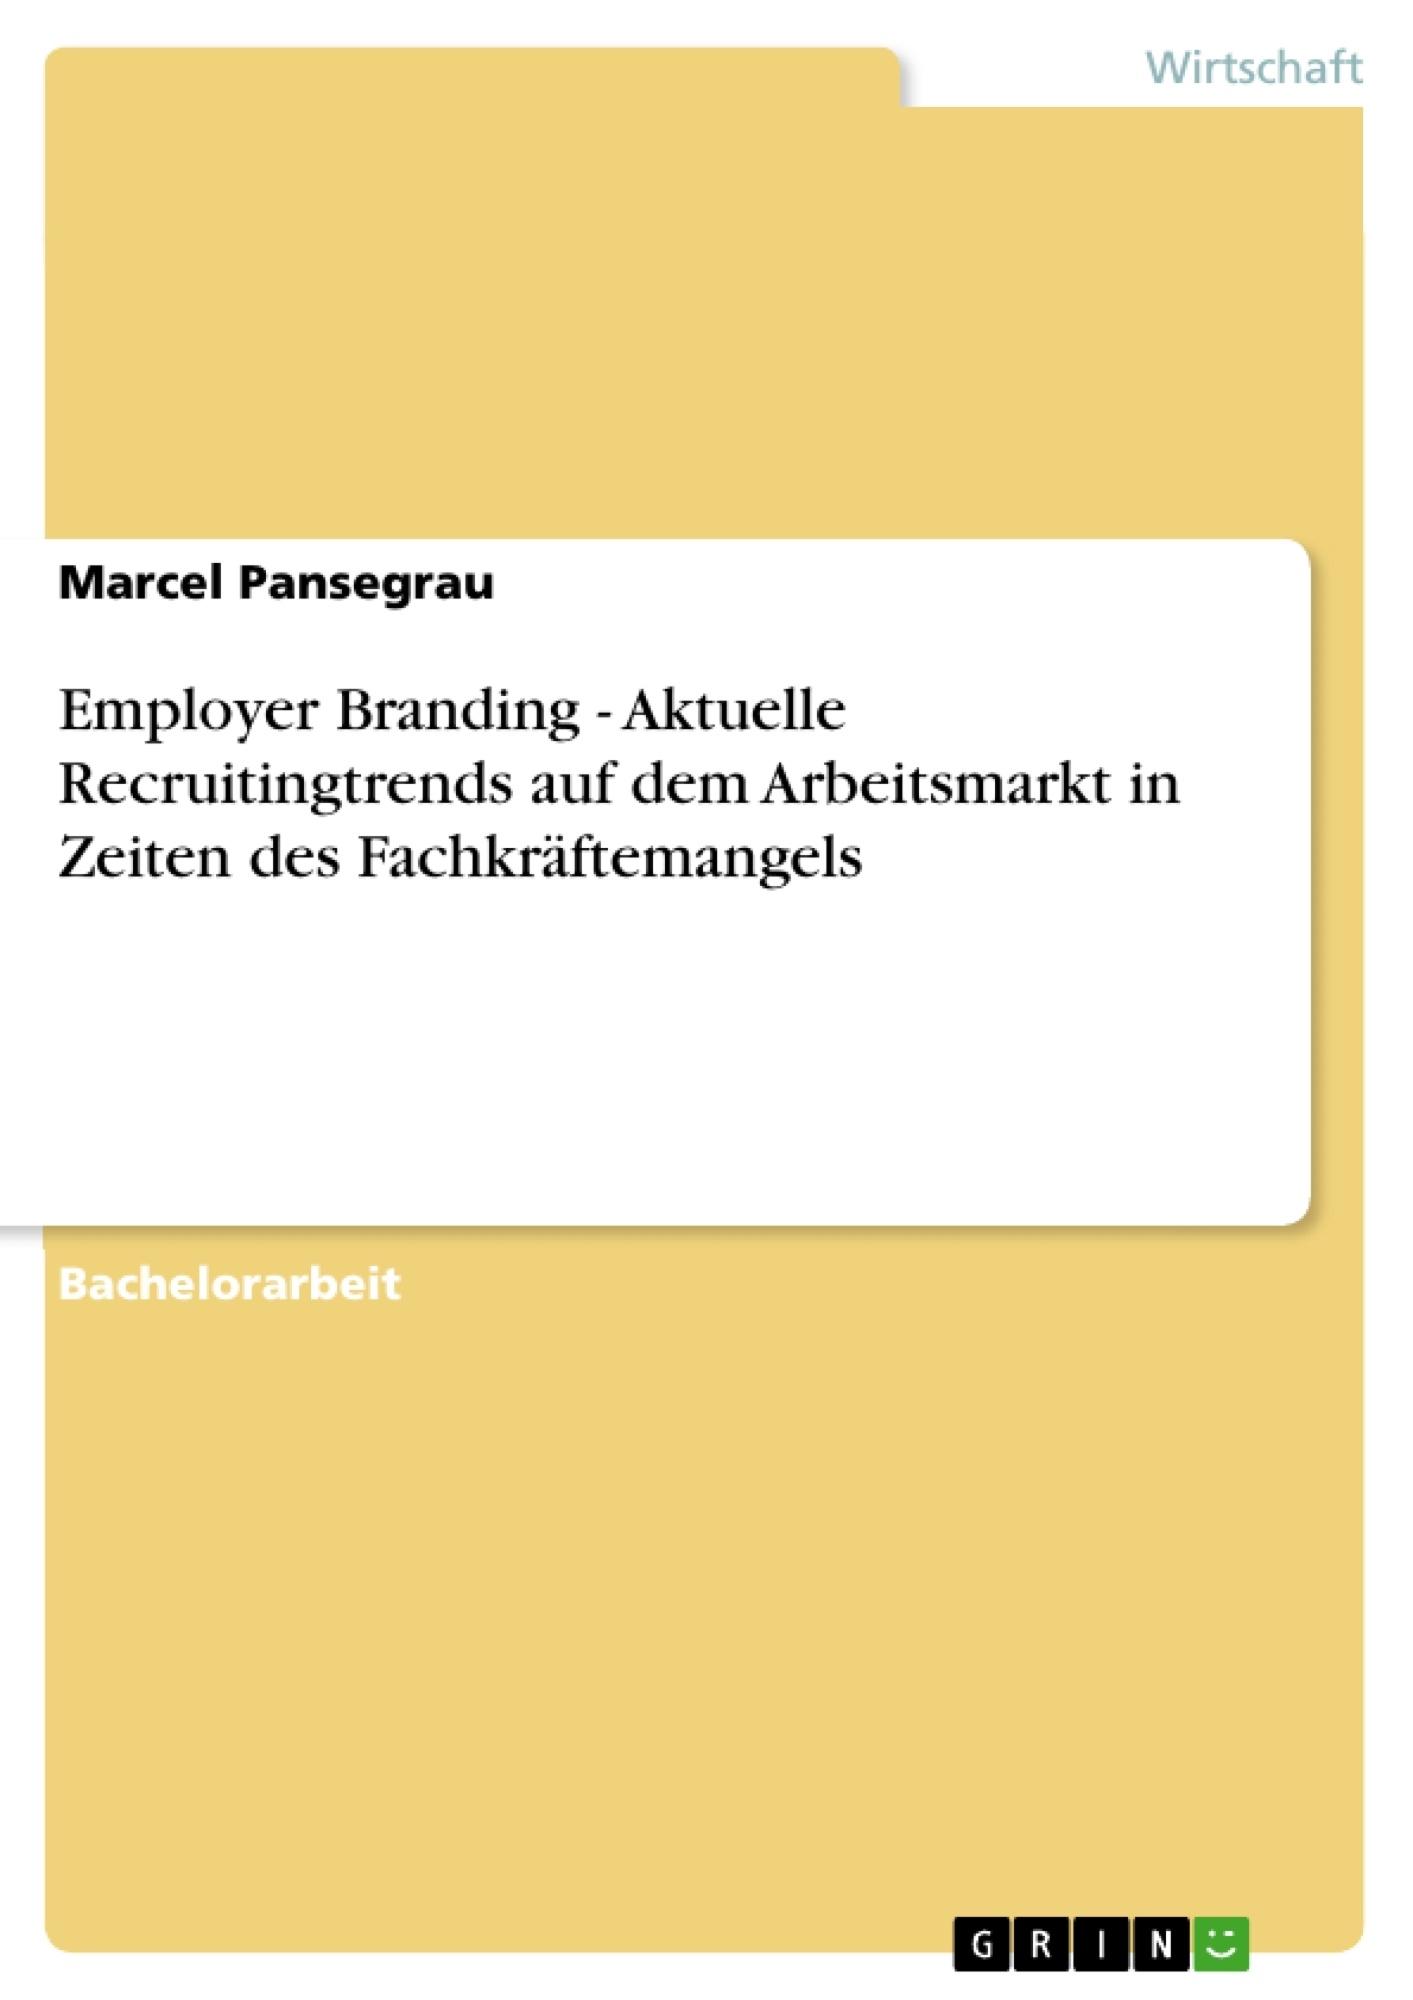 Titel: Employer Branding - Aktuelle Recruitingtrends auf dem Arbeitsmarkt in Zeiten des Fachkräftemangels